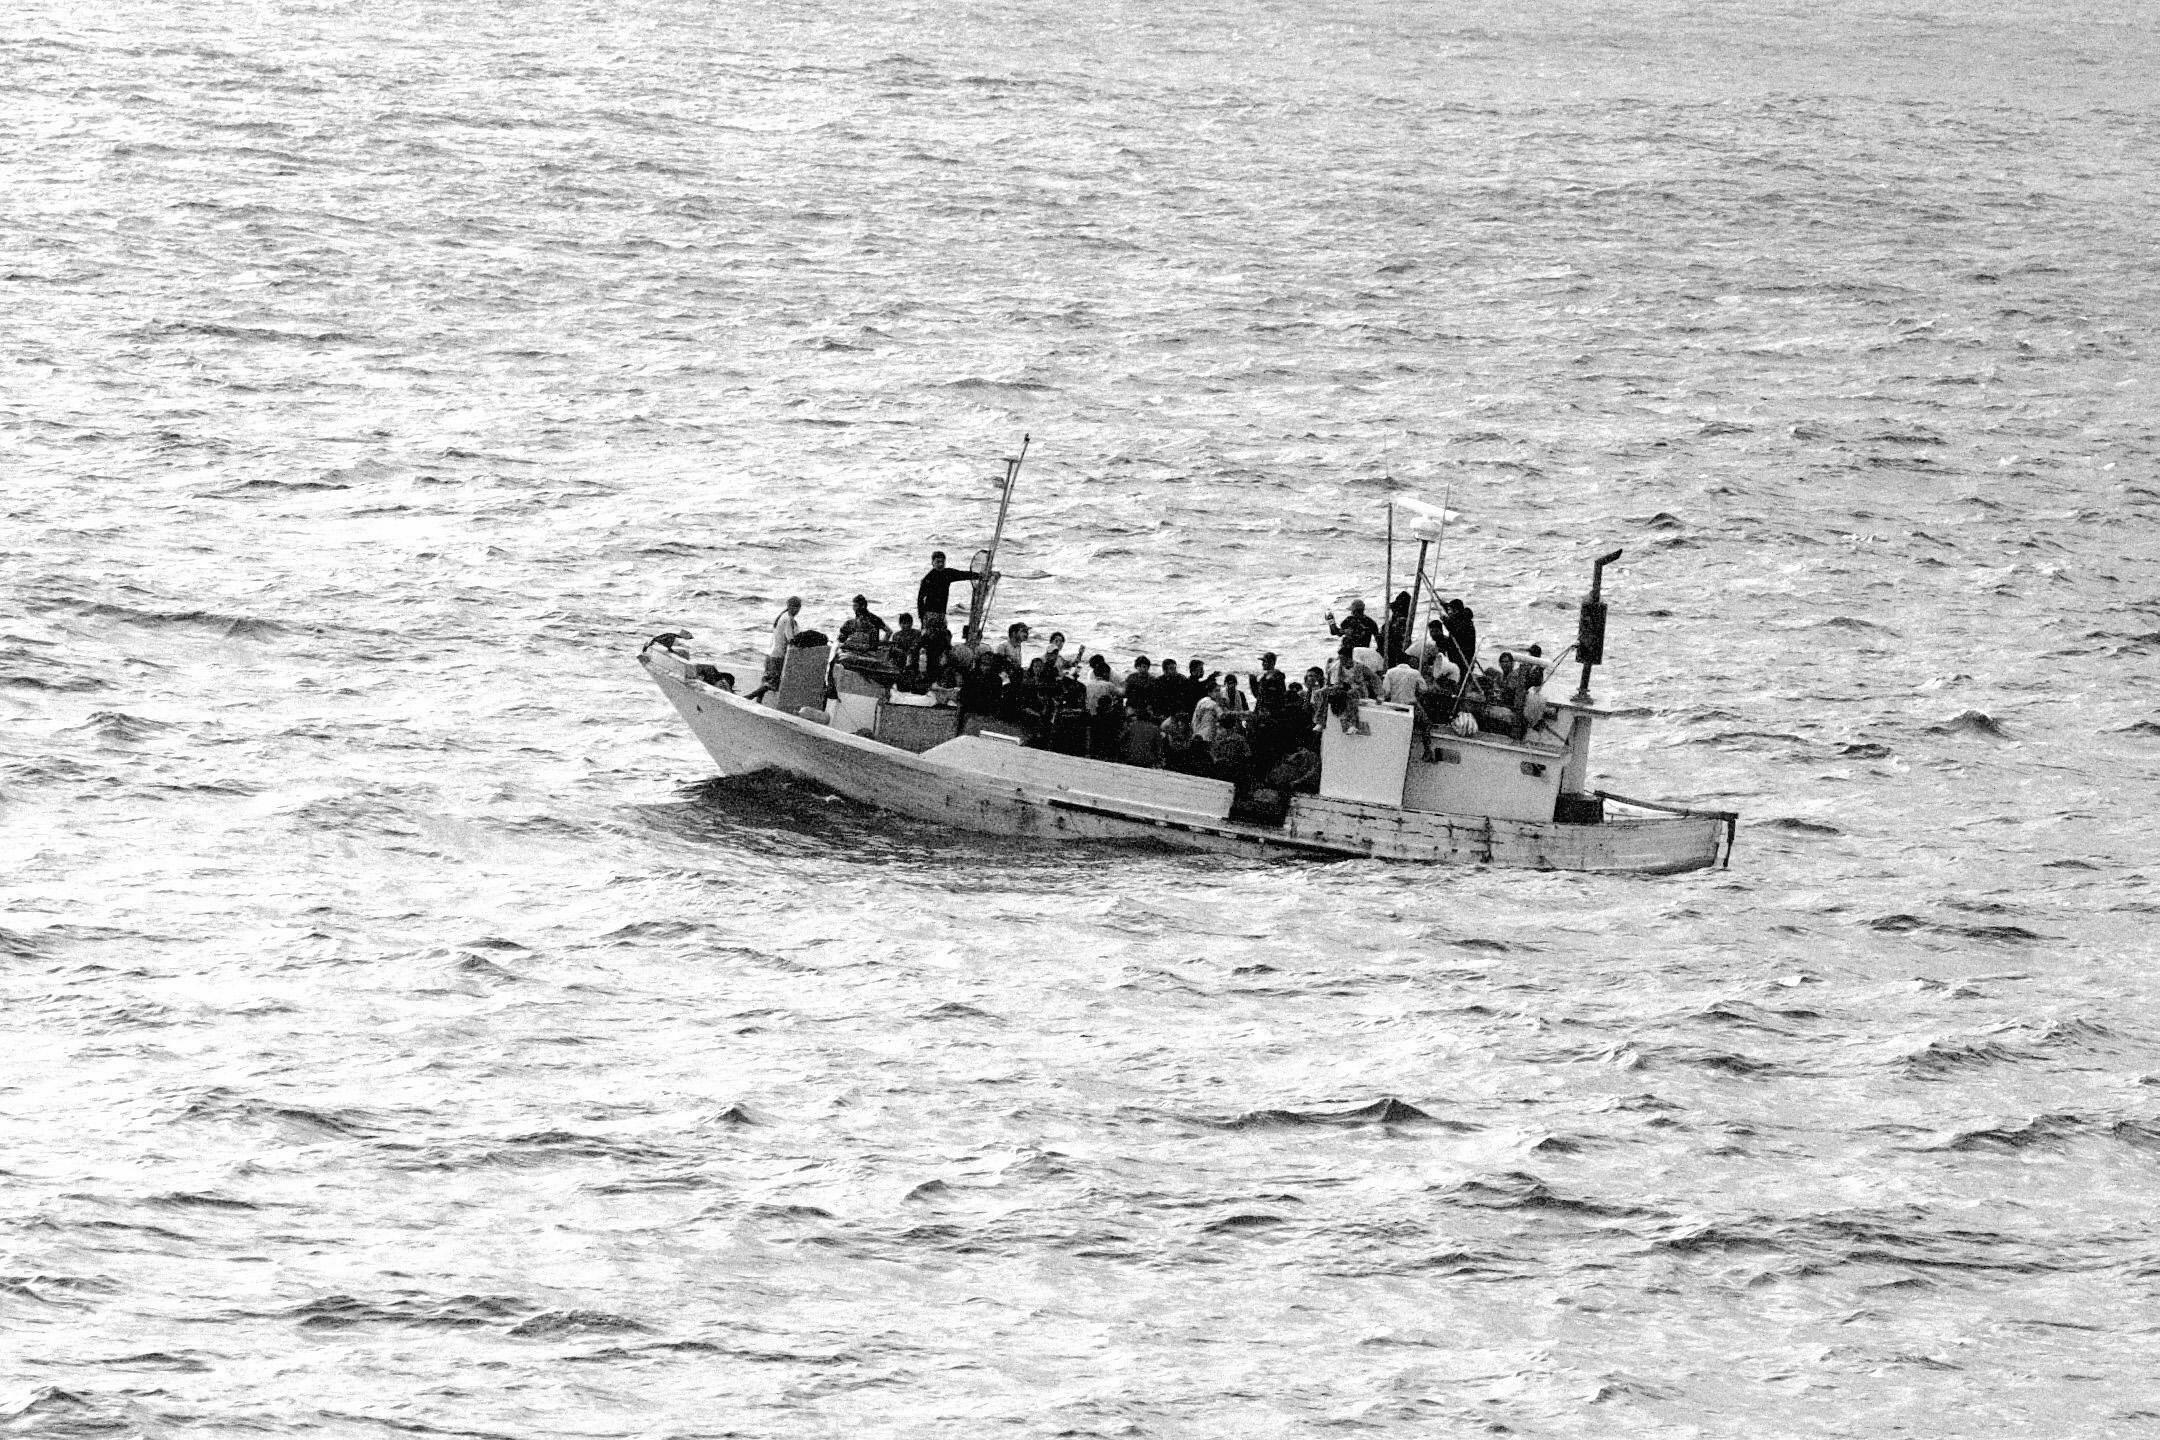 Un bateau rempli de migrant•e•s